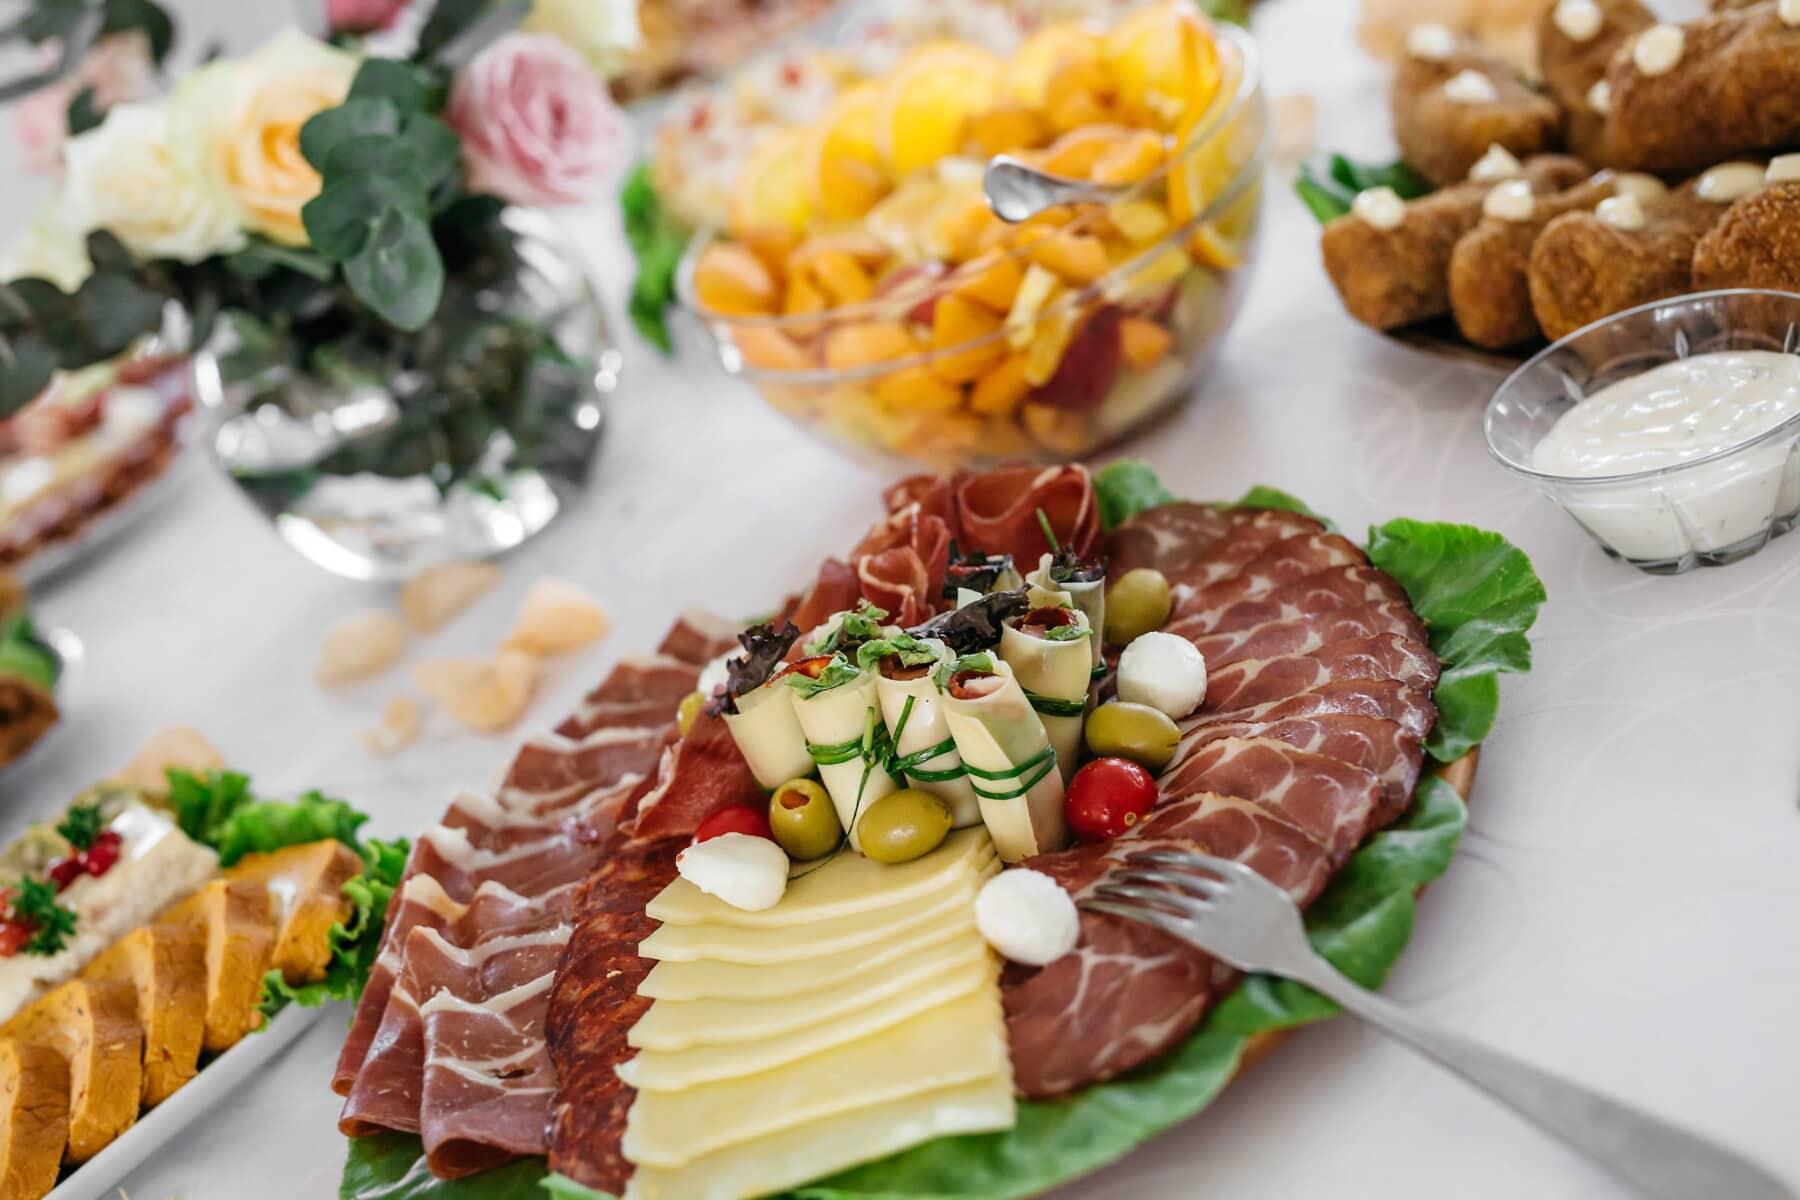 sushi, presunto, queijo, salsicha, refeição, vegetal, almoço, jantar, comida, placa